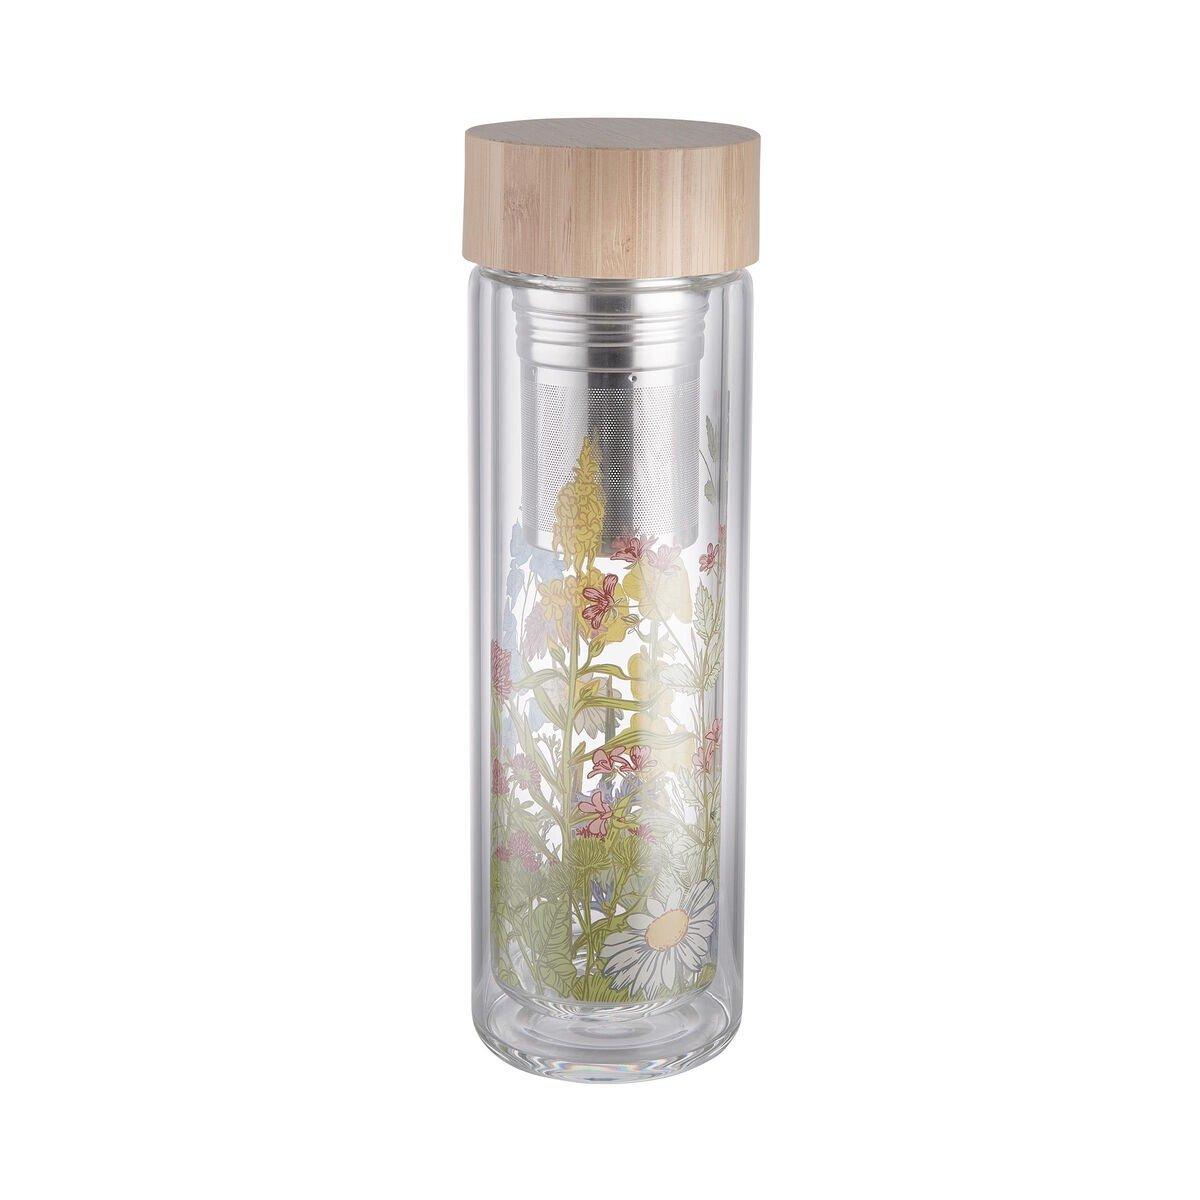 Bild 1 von TEA TENDER Teeflasche mit Blumendruck 450ml